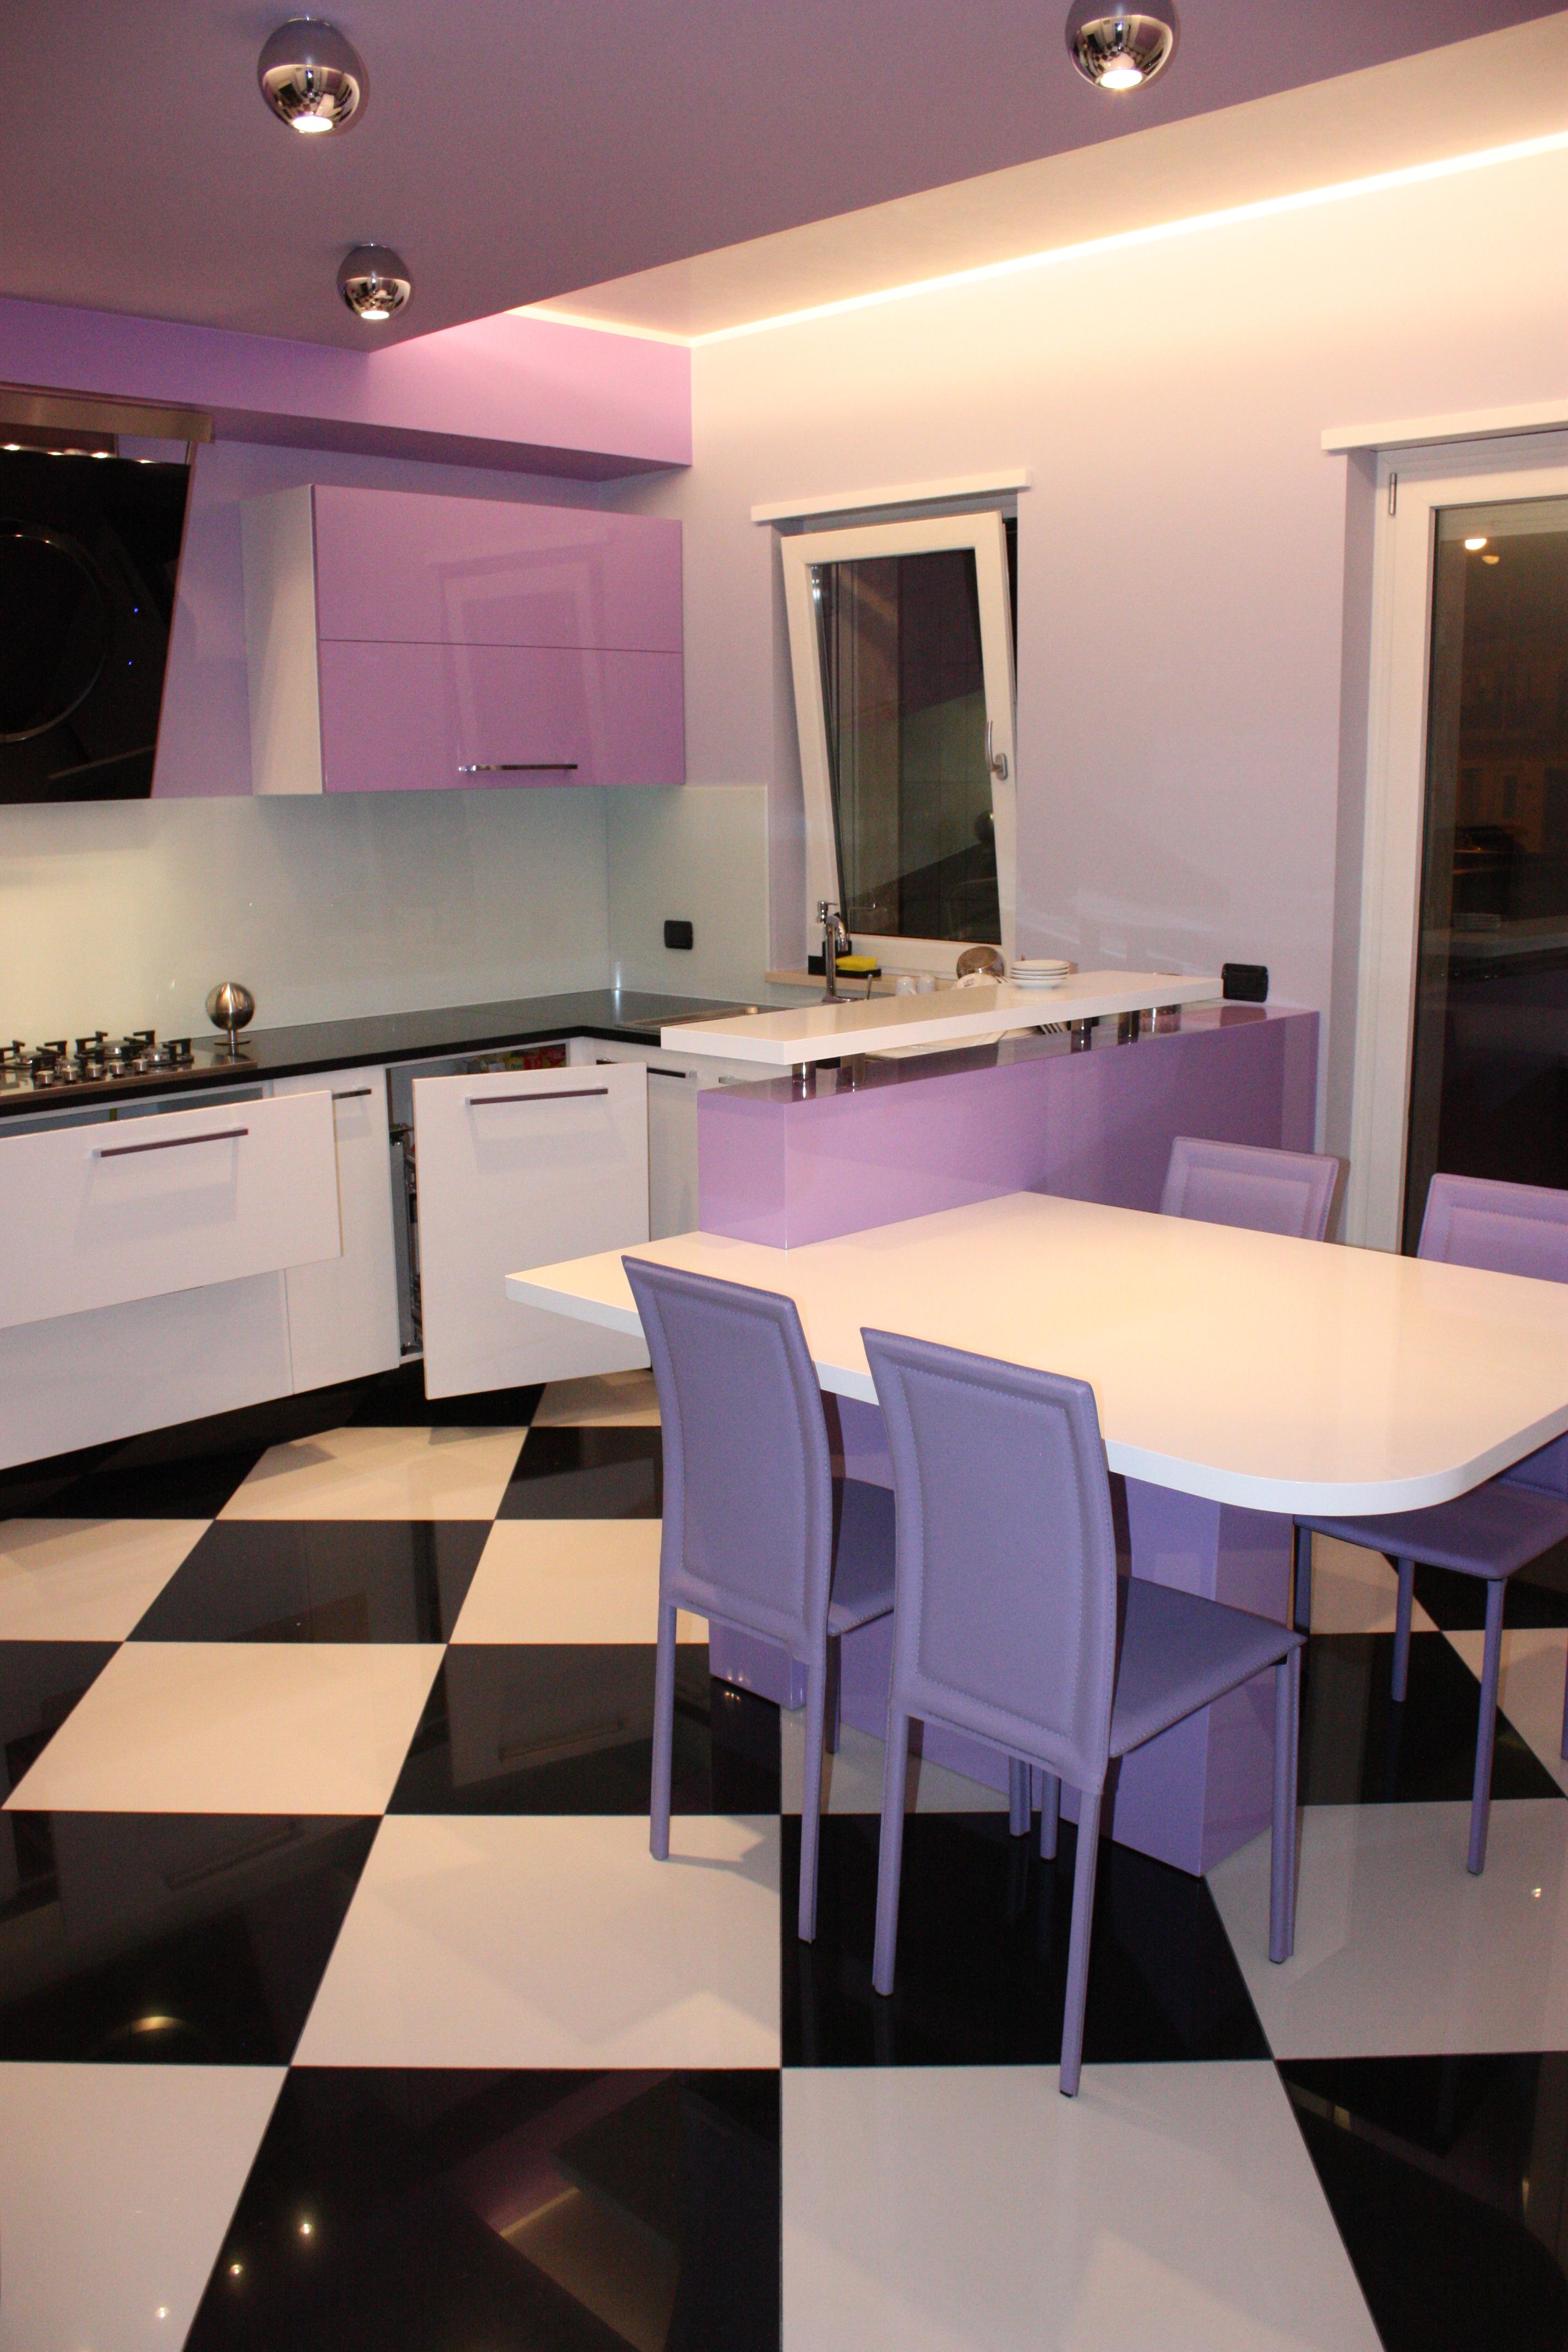 Cucina su misura napoli napoli campania abitazioni for Piano snack cucina